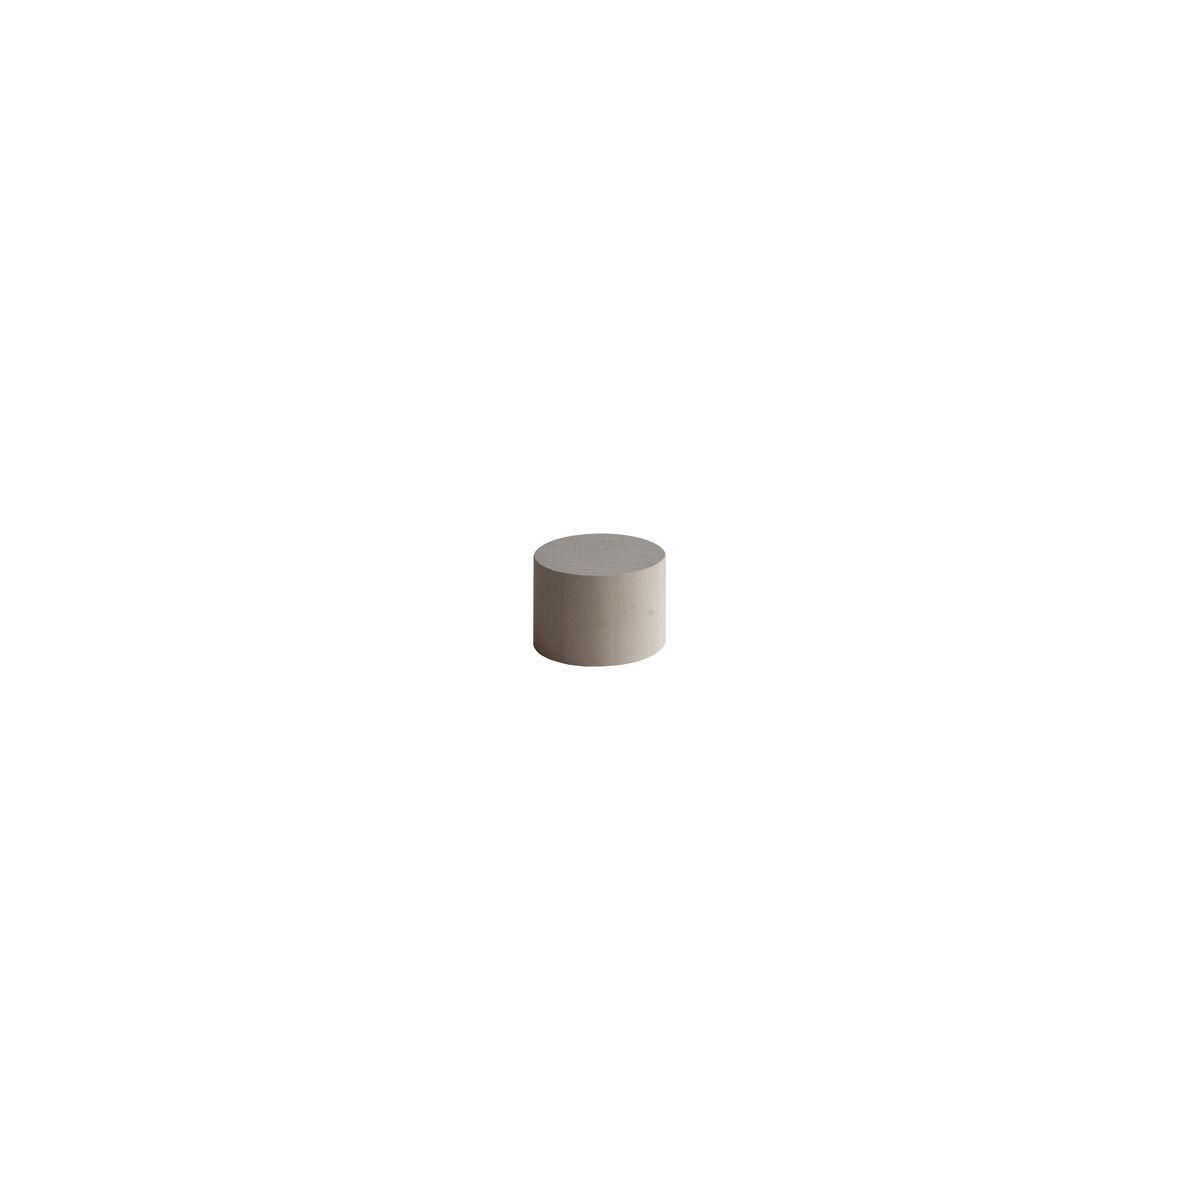 Solido geometrico cilindro in faggio grezzo 1030 x 180 x 100 mm 4 pezzi